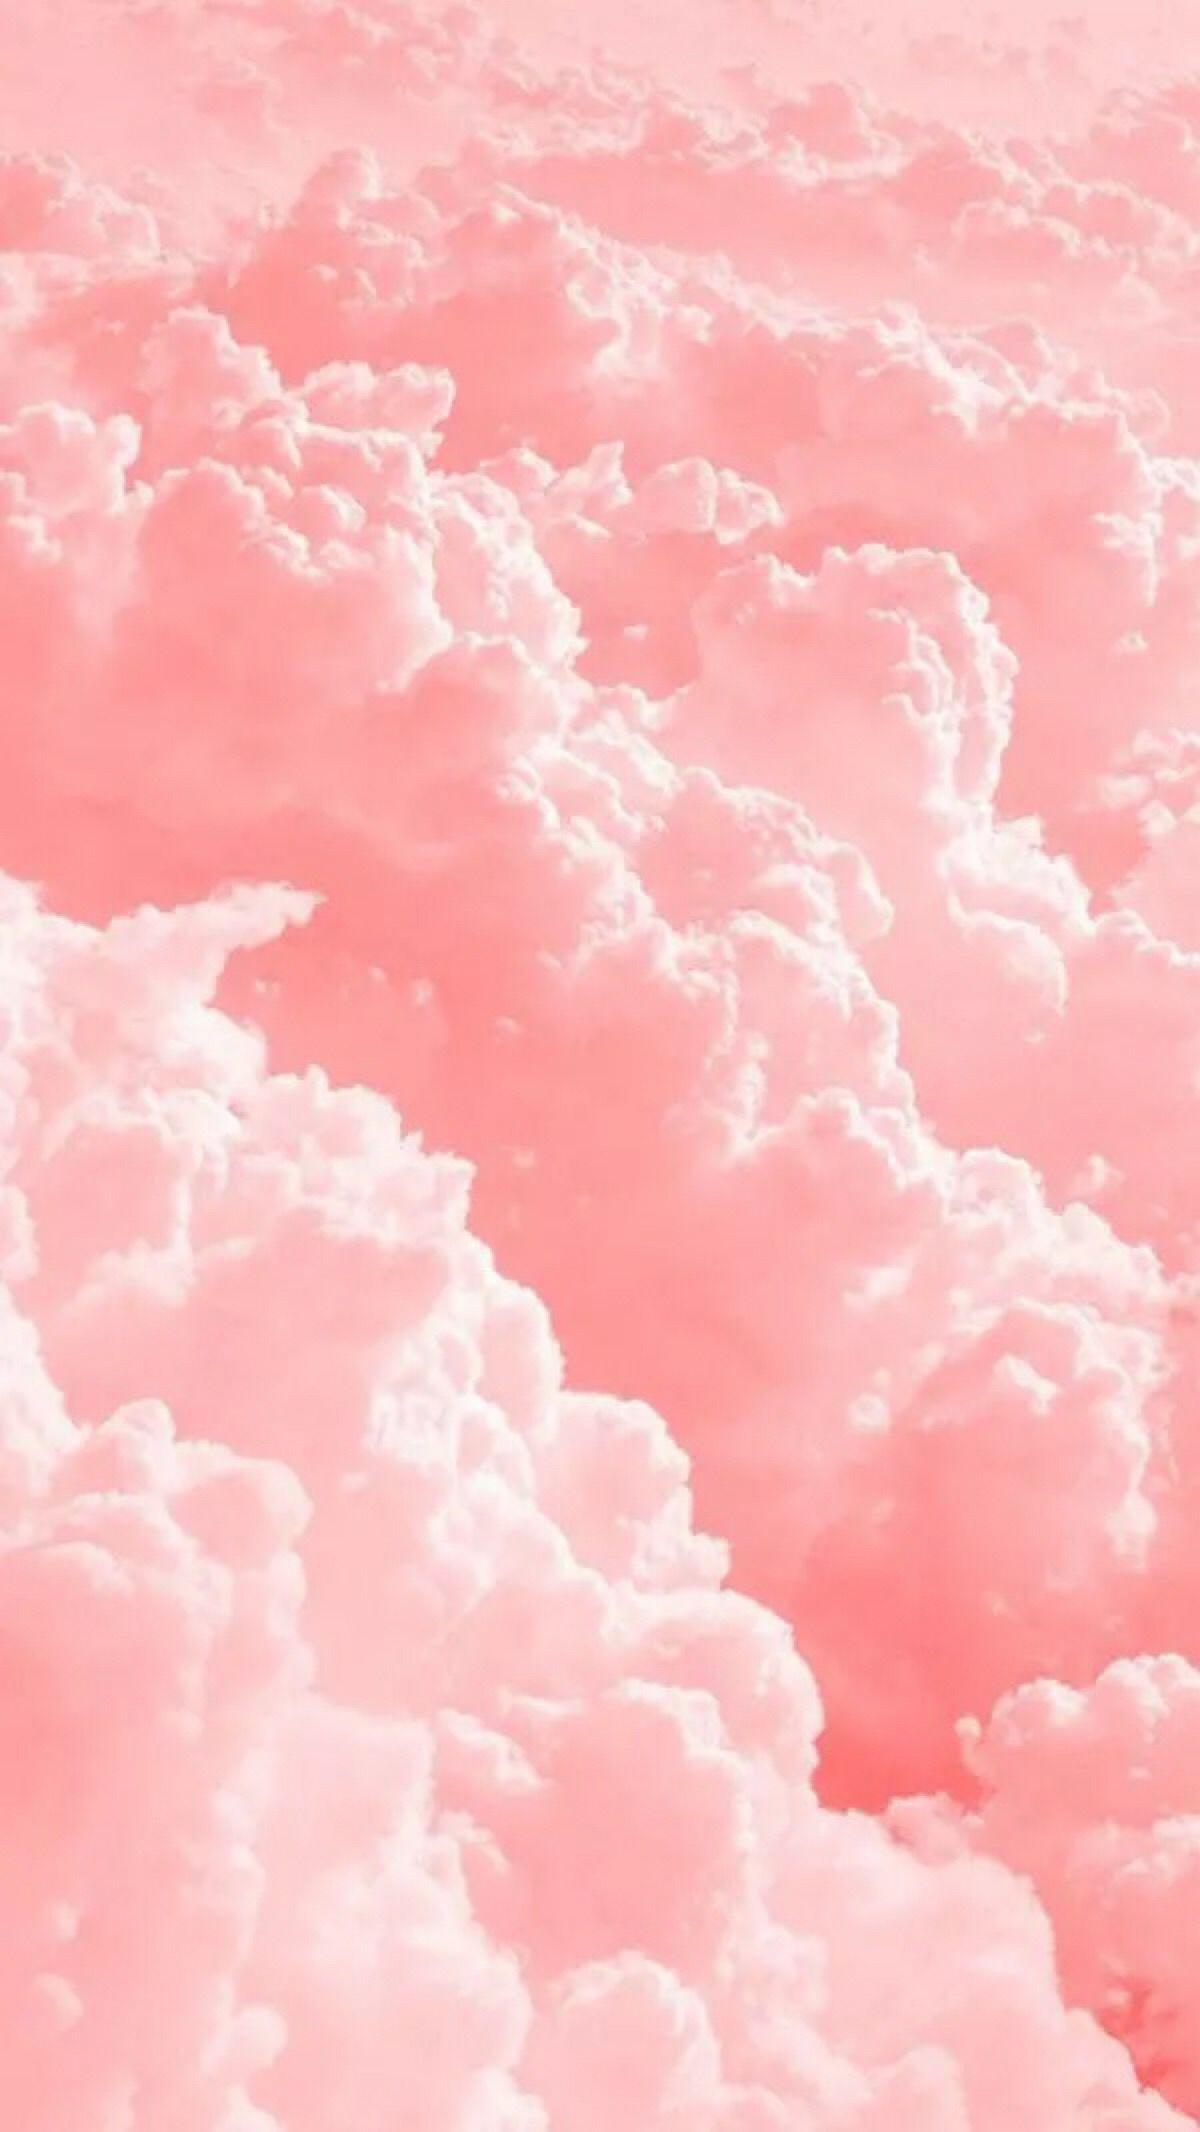 视频_有哪些好看的粉色系的手机壁纸?-知乎